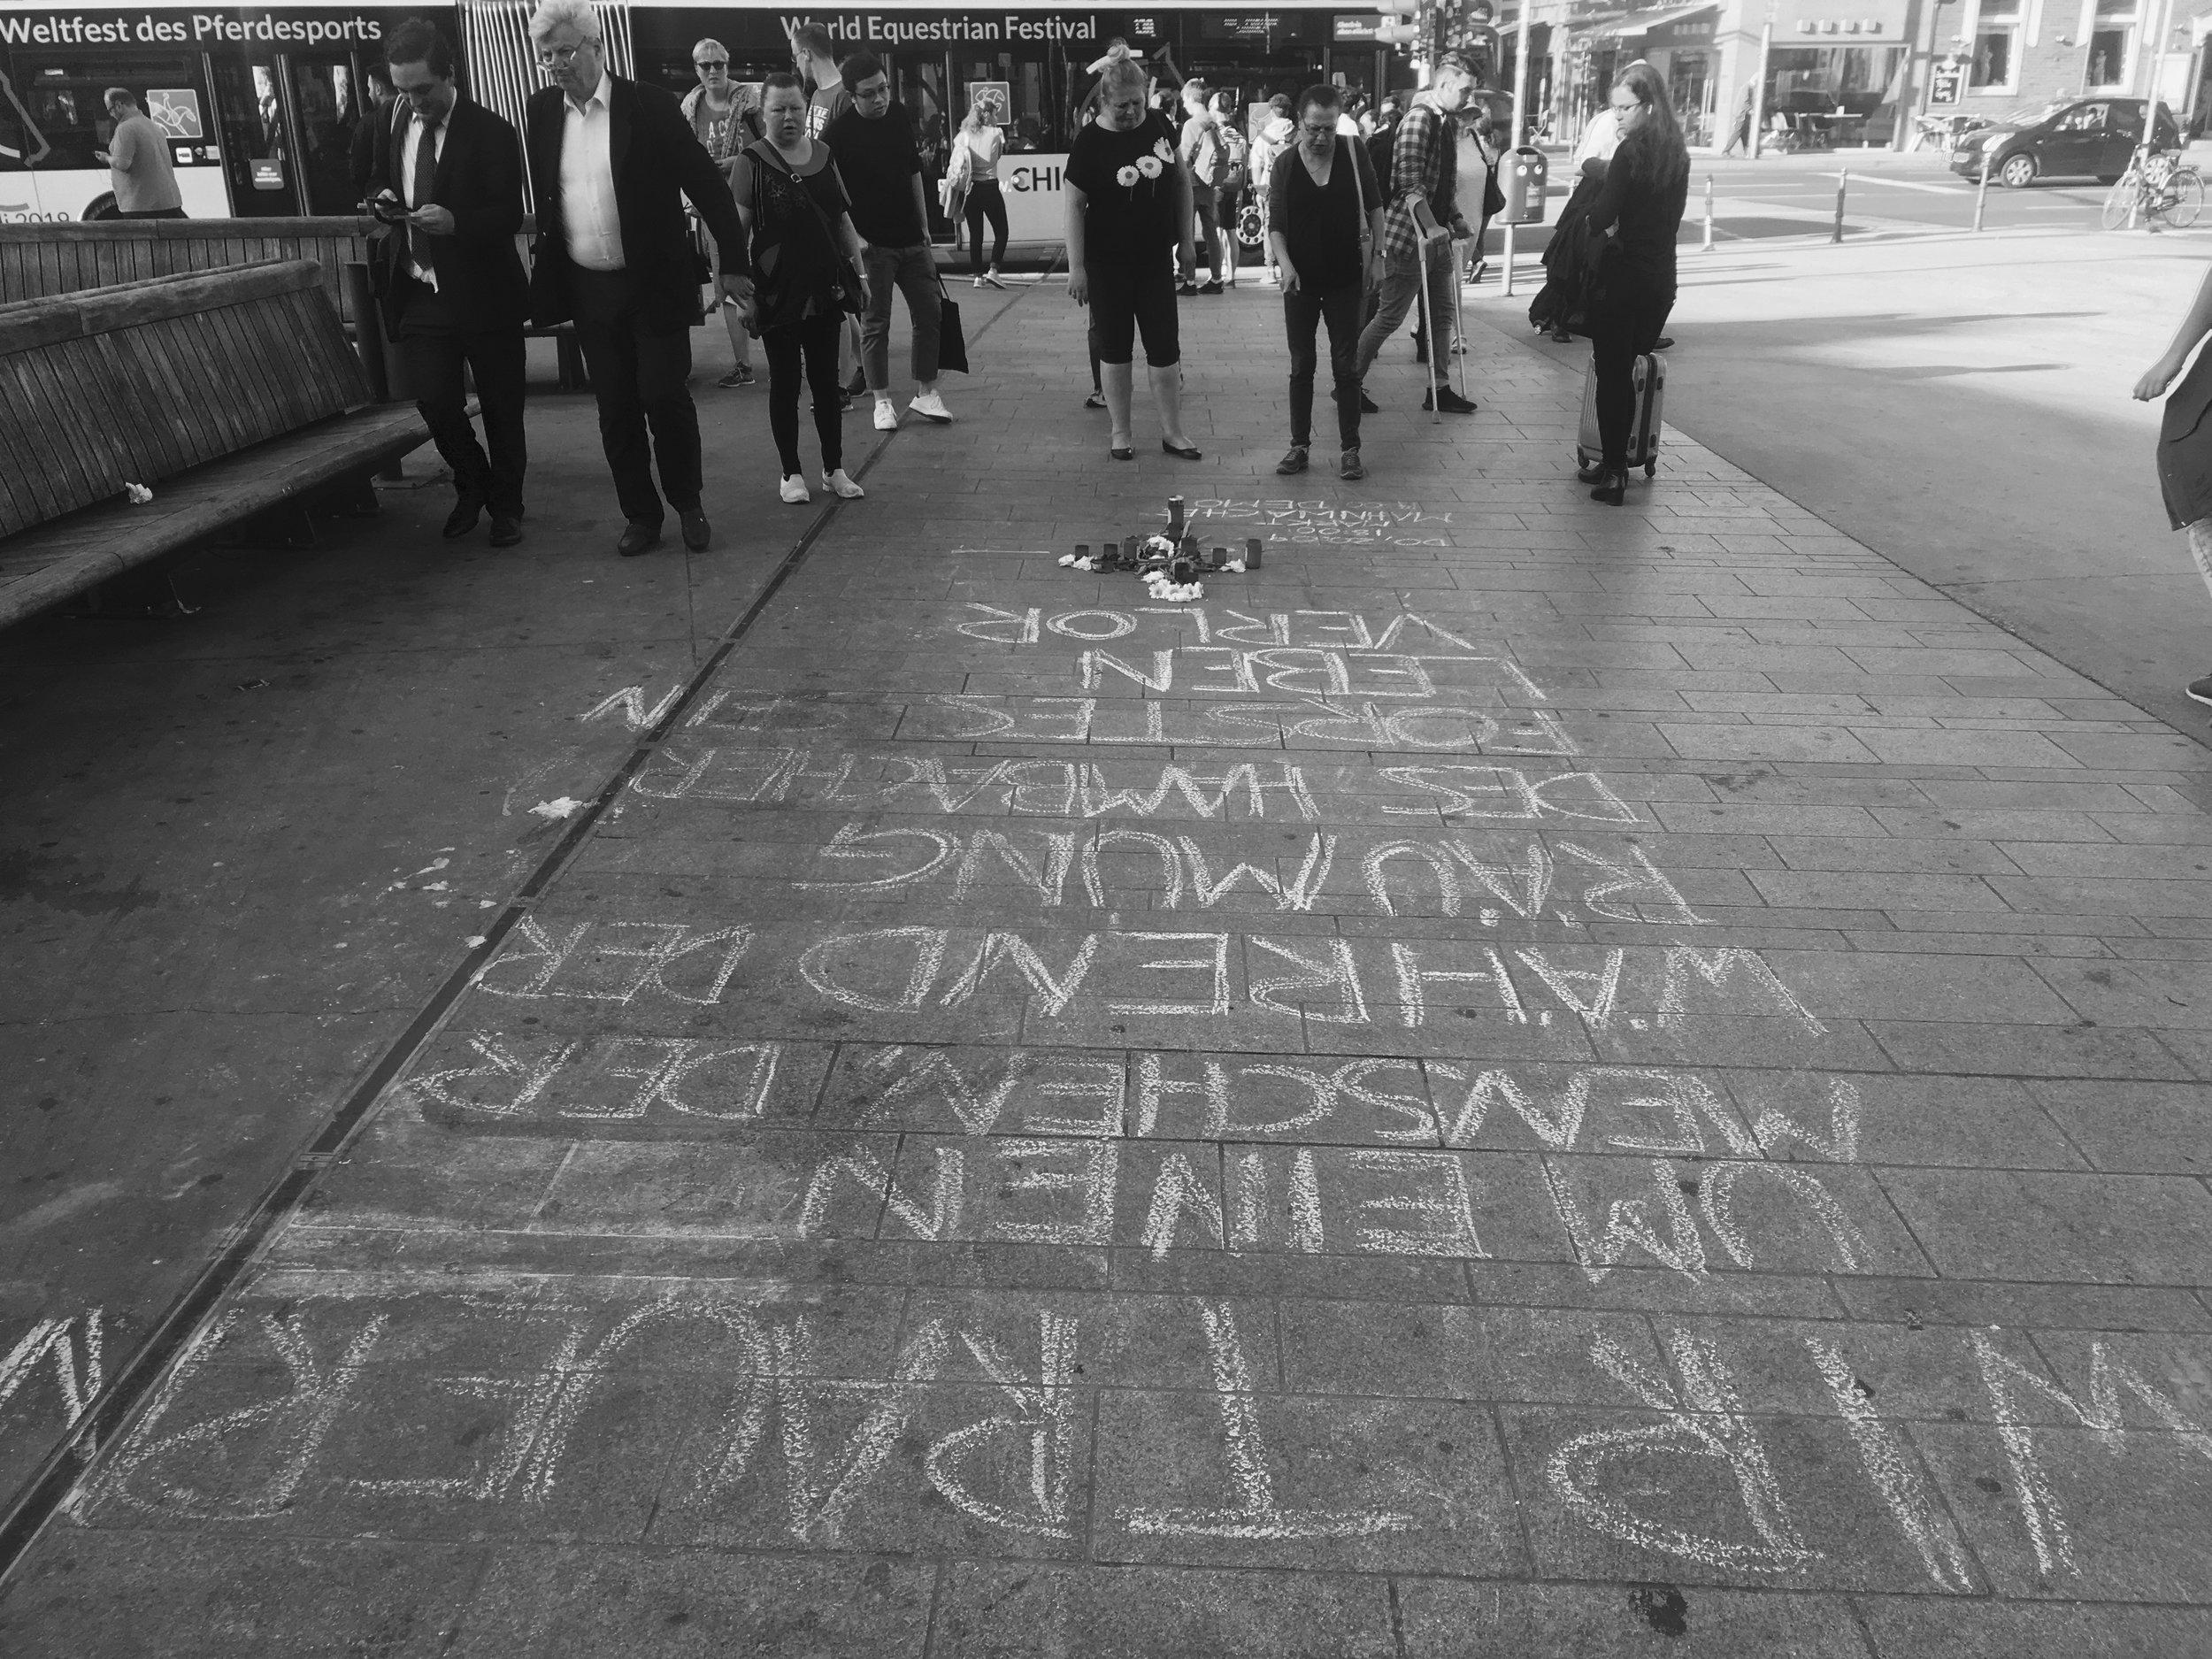 Avis de commémoration à l'extérieur de la gare centrale d'Aix-la-Chapelle le 20 septembre.